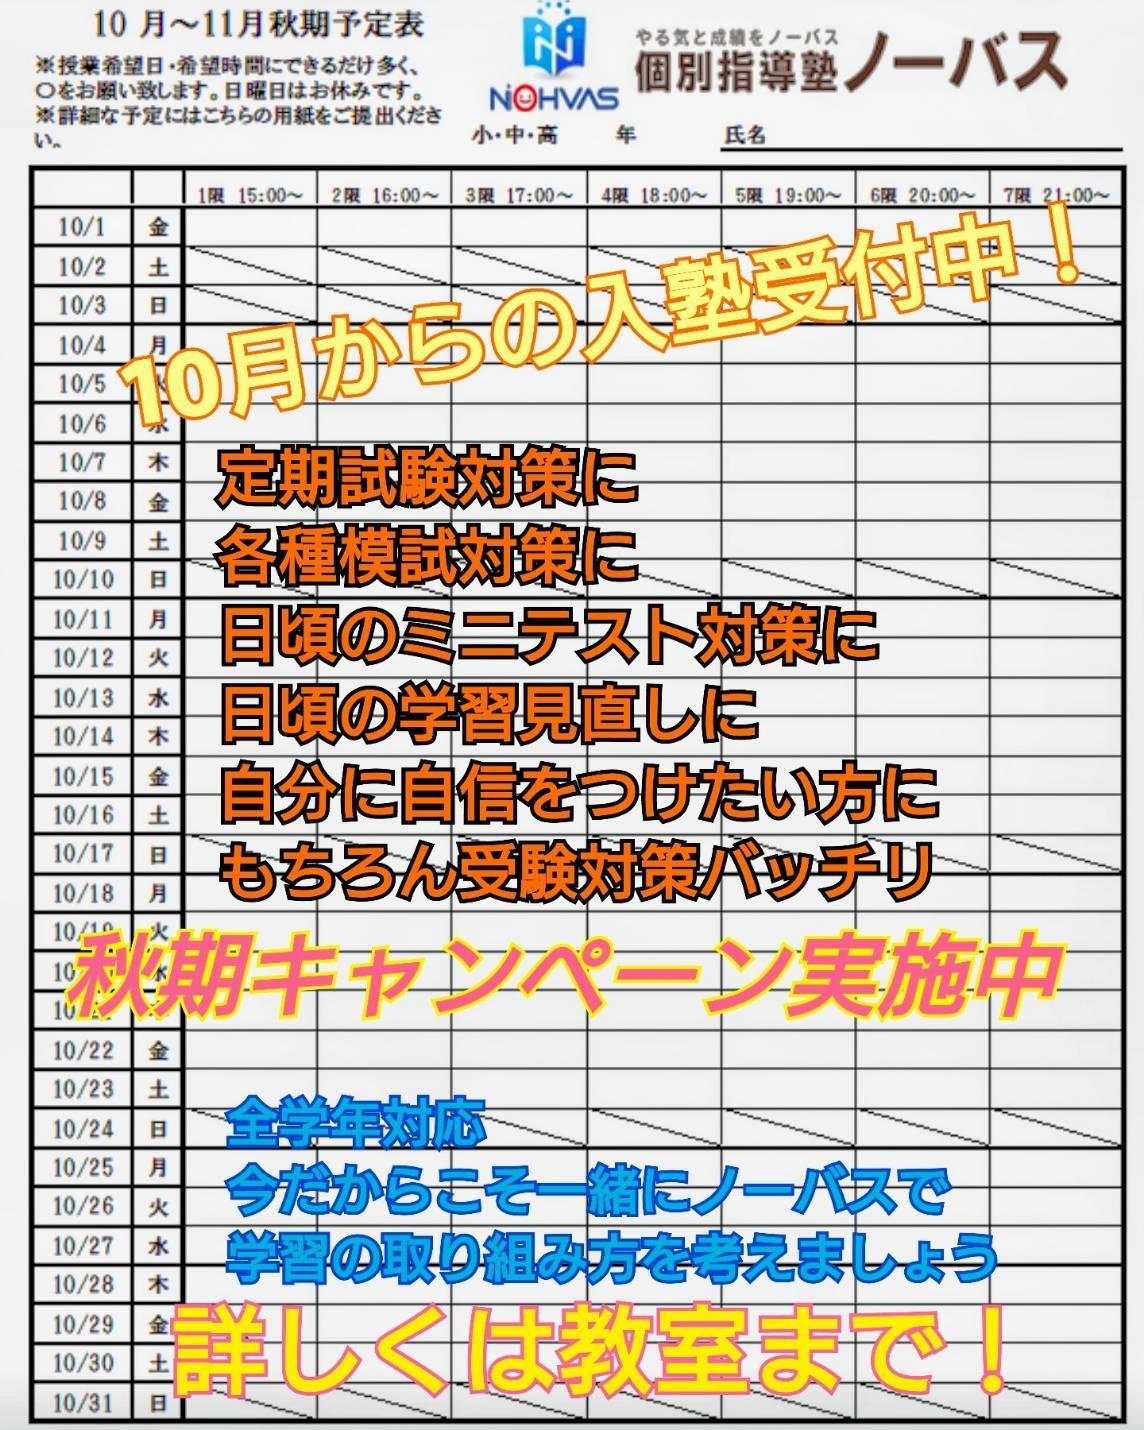 10月は、目標達成月間です。その2〜11/5漢検 11/12数検 検定も定期試験も対策は武蔵浦和校で頑張ろう〜